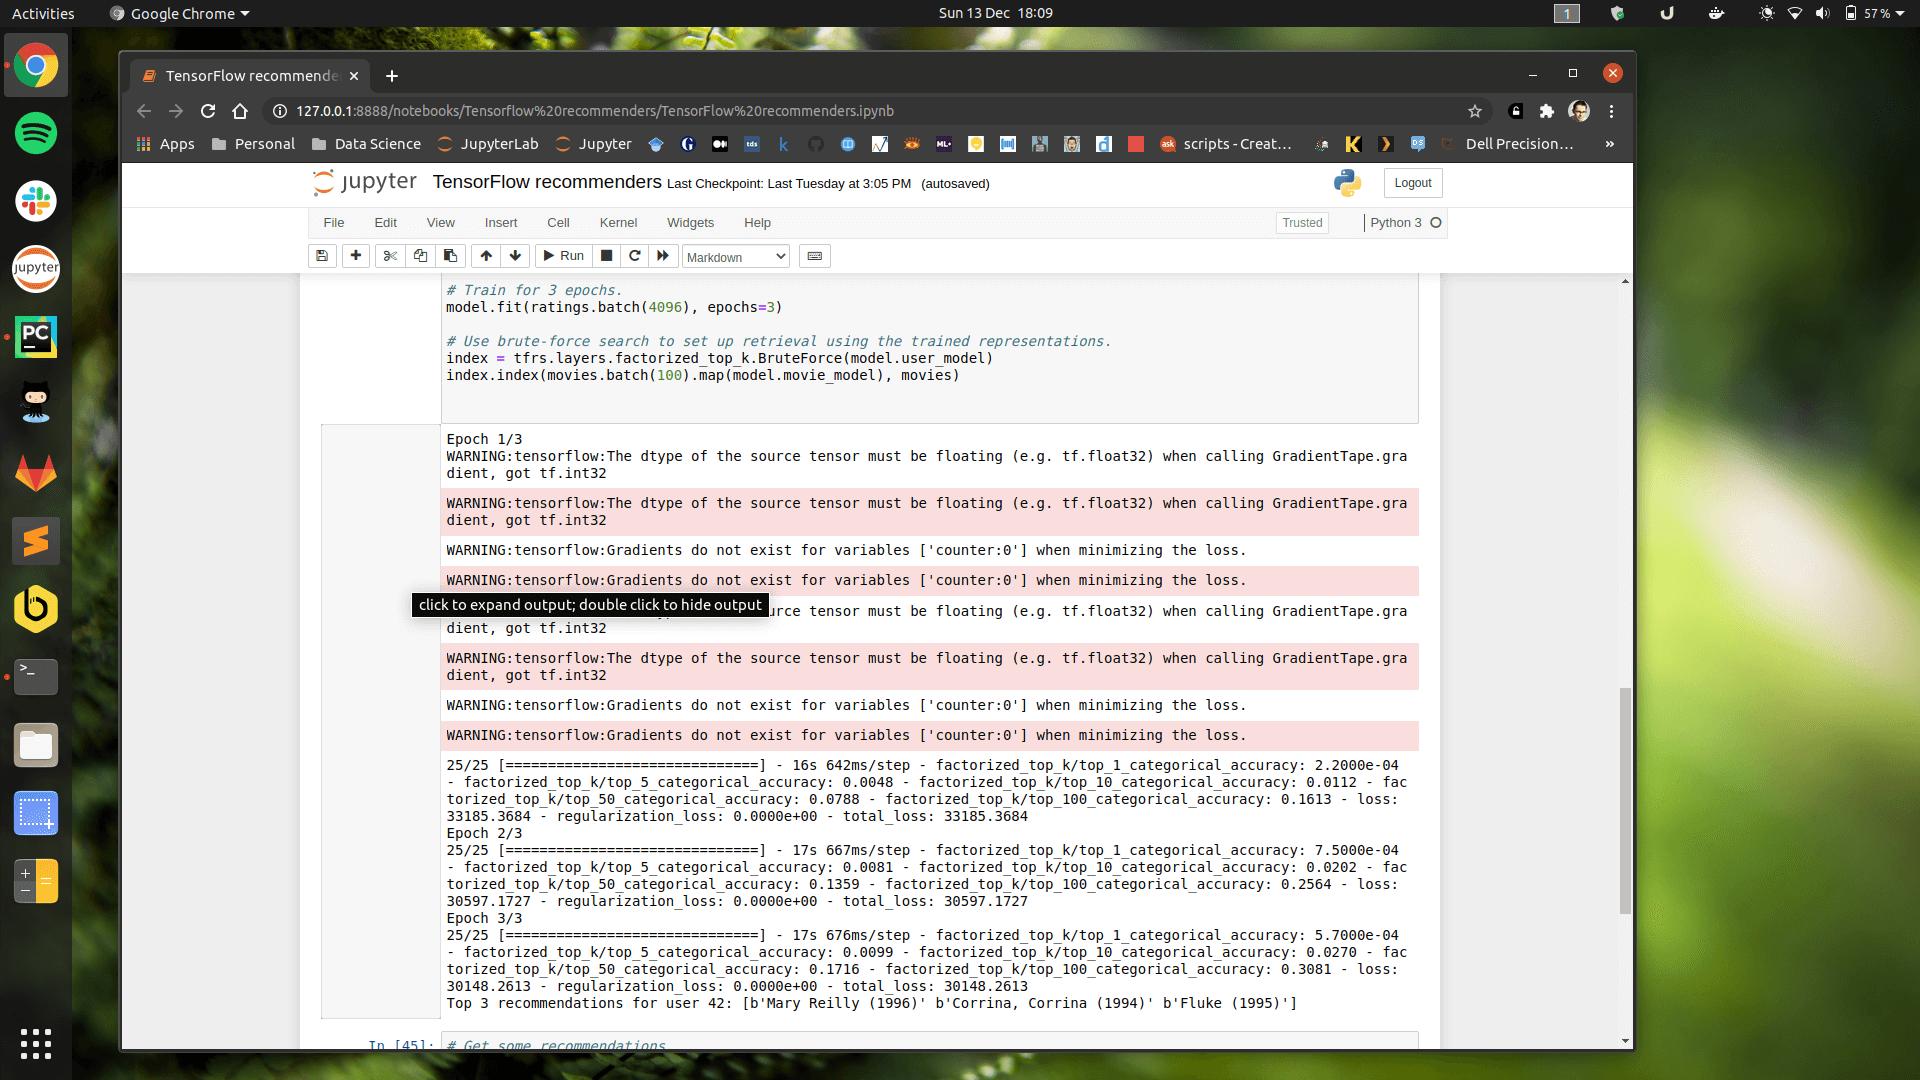 How to create an Ubuntu desktop entry to run Jupyter